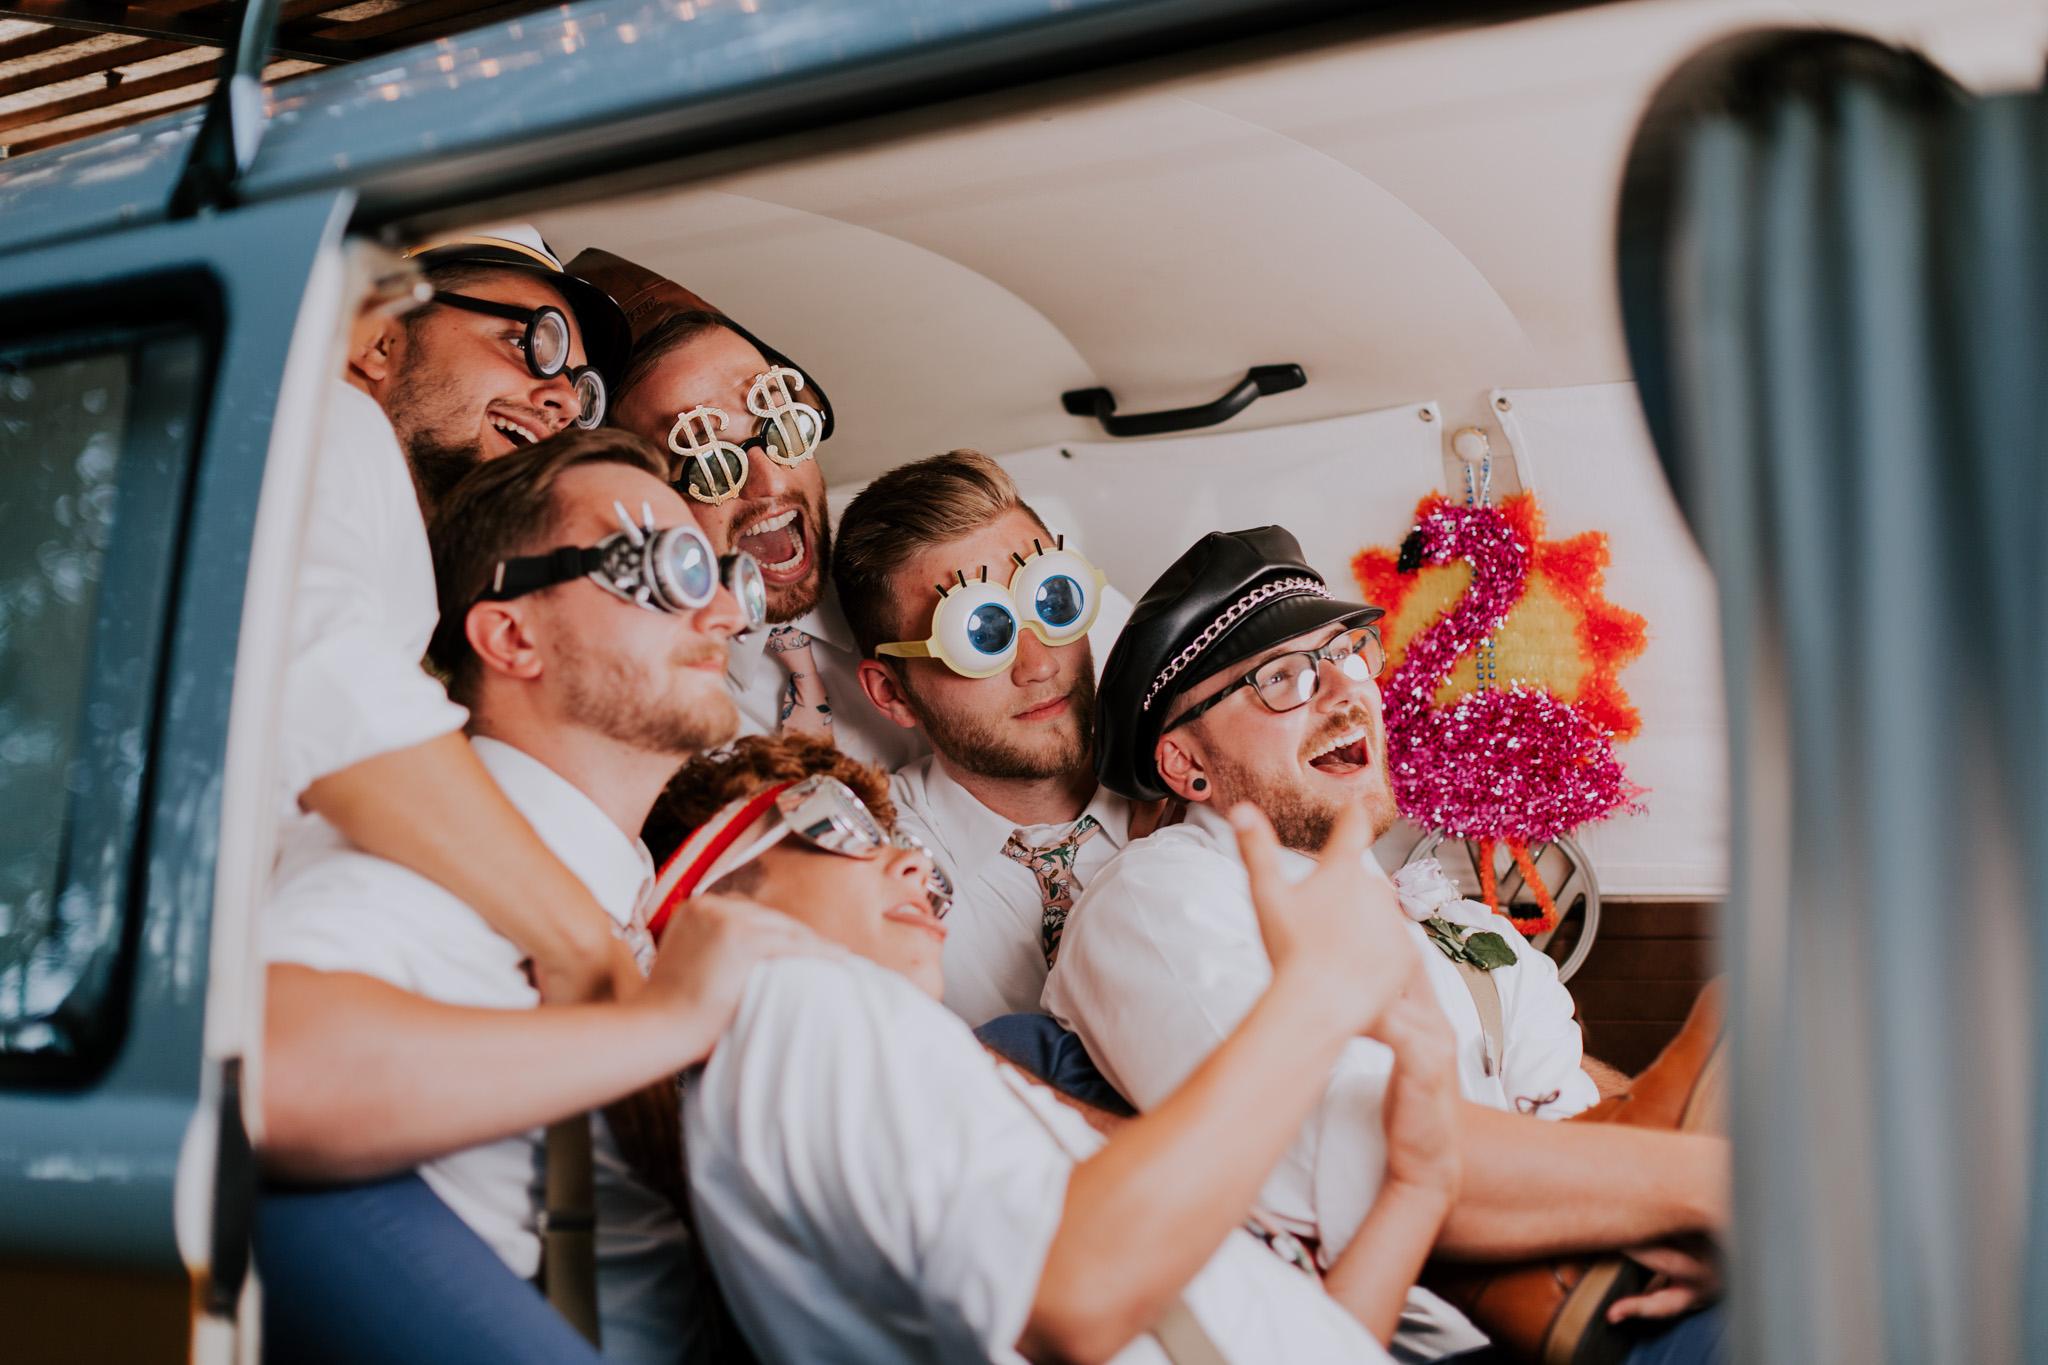 Blue-Dress-Barn-Michigan-Wedding-April-Seth-Vafa-Photo879.jpg